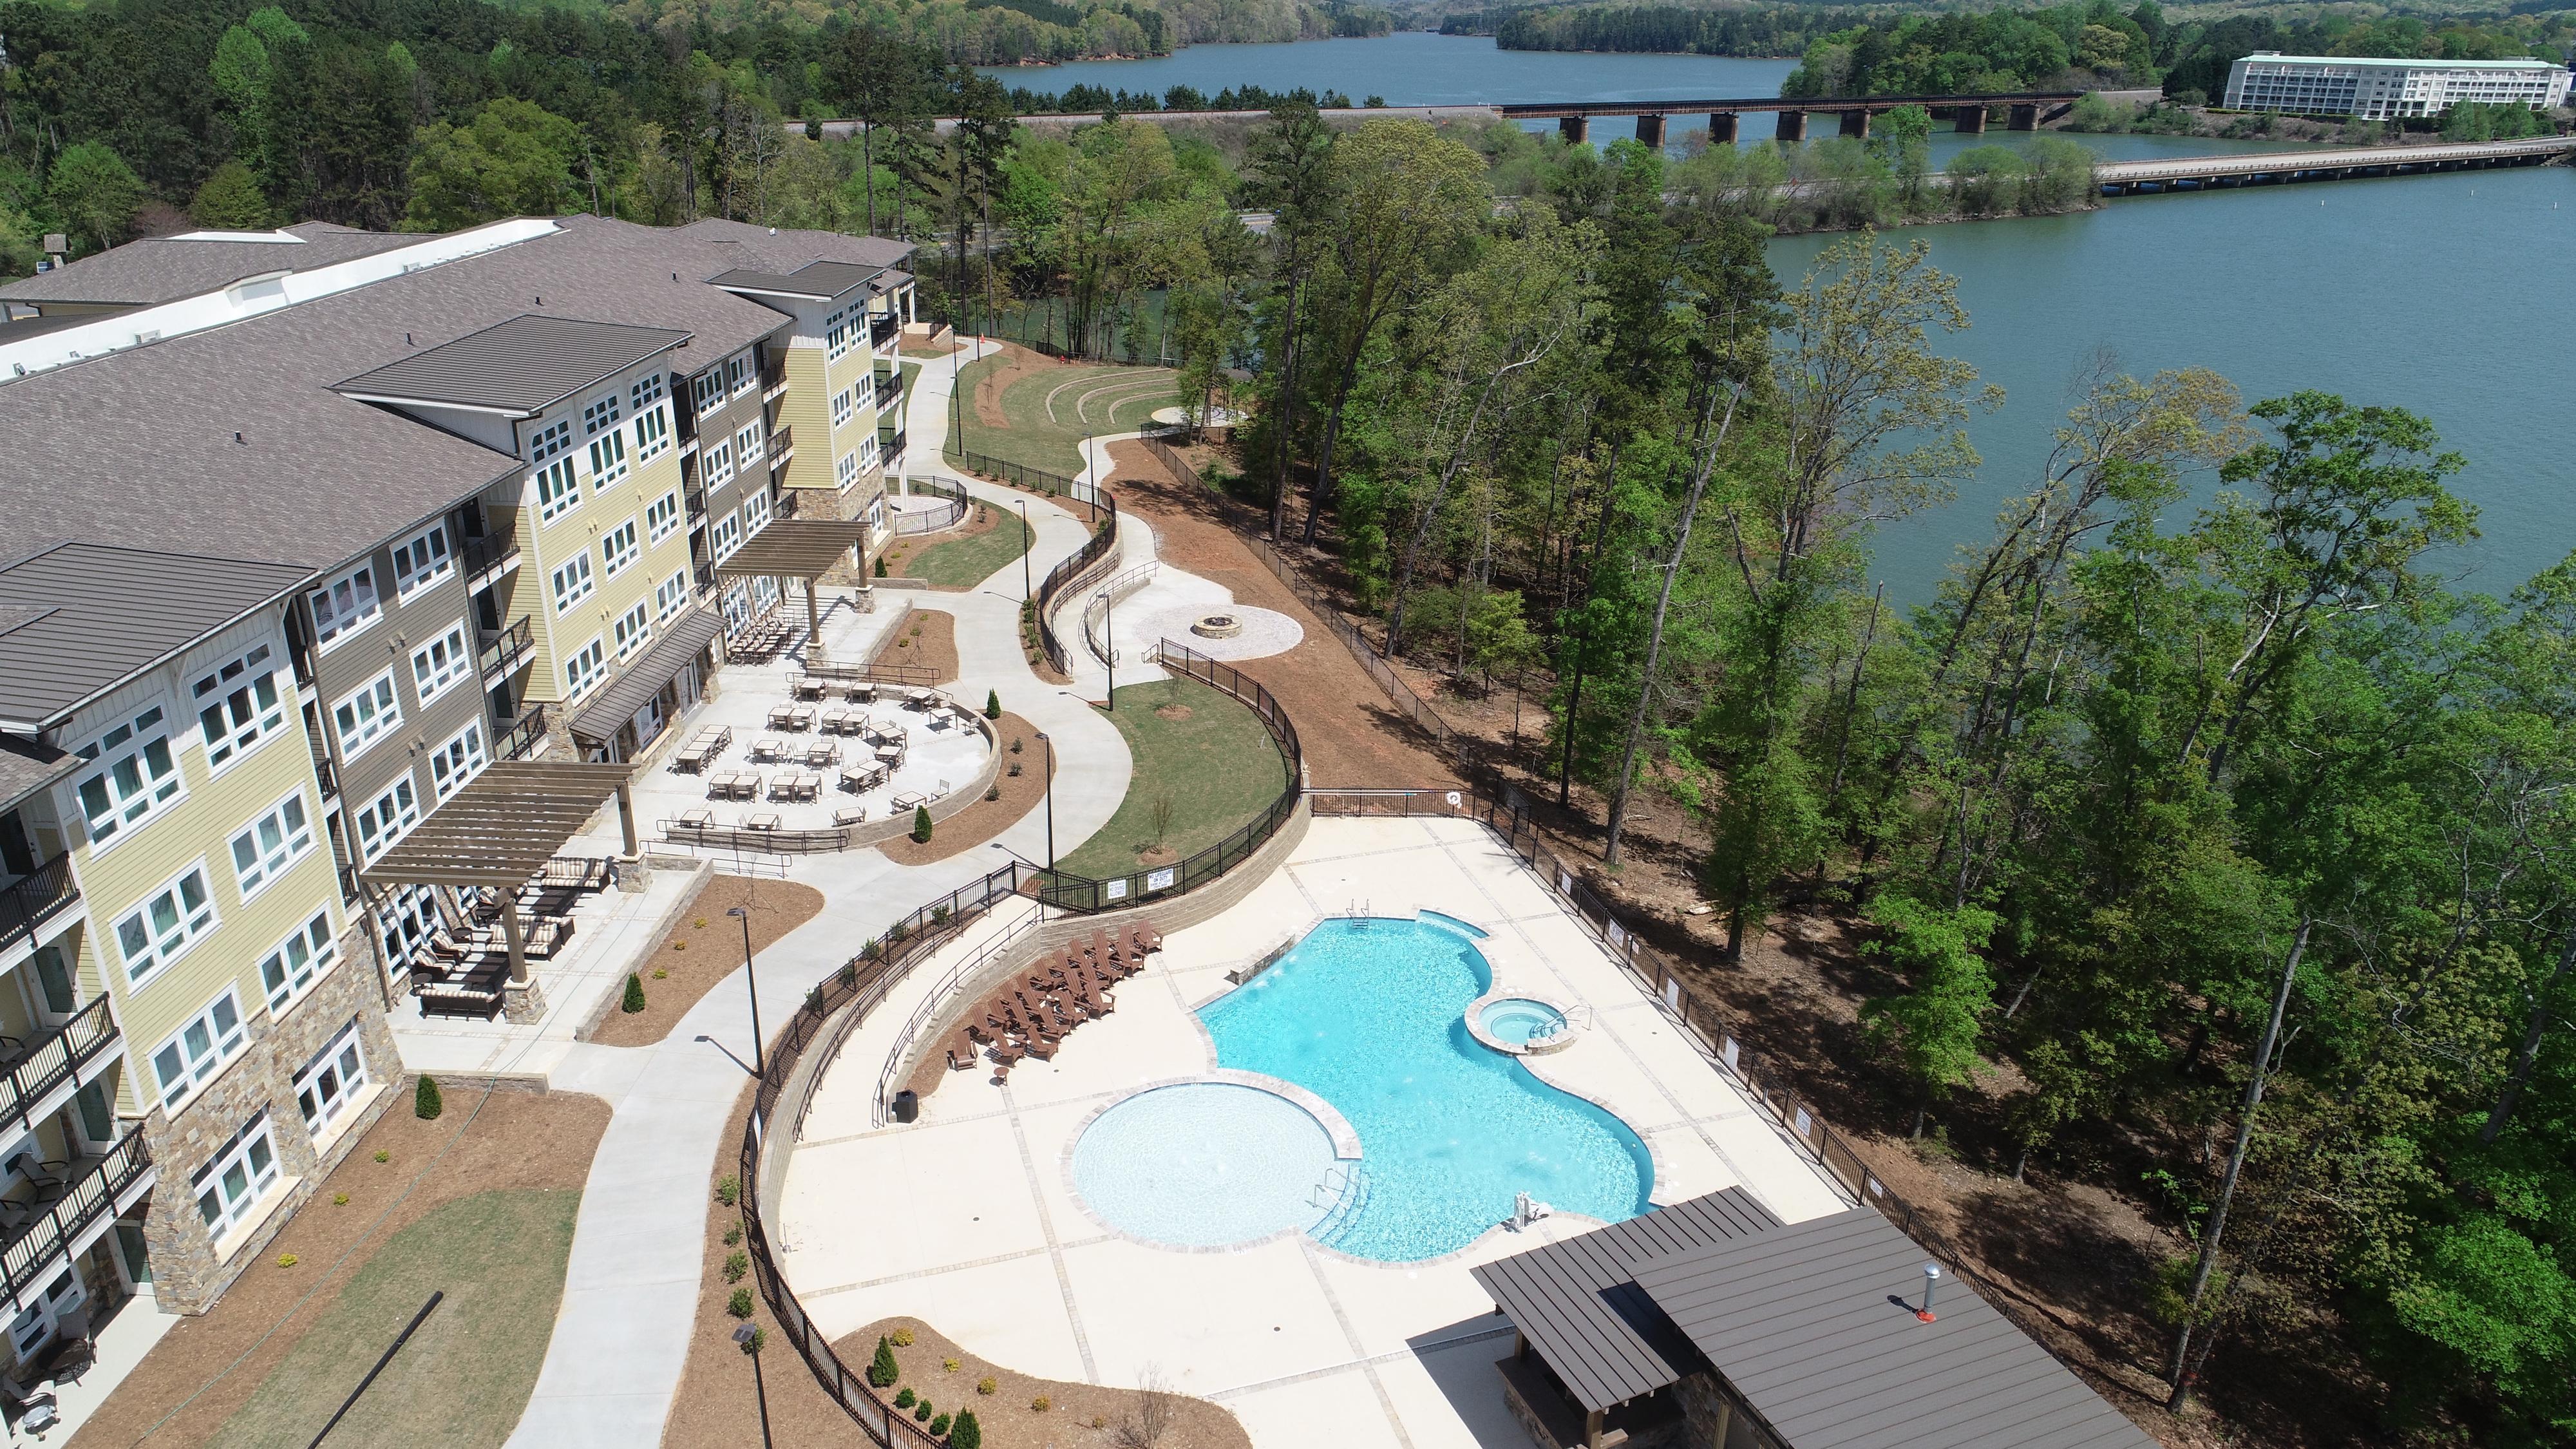 Lakeside Lodge Clemson - Hotel & Resort - Seneca, SC 29678 - (877)211-0997 | ShowMeLocal.com